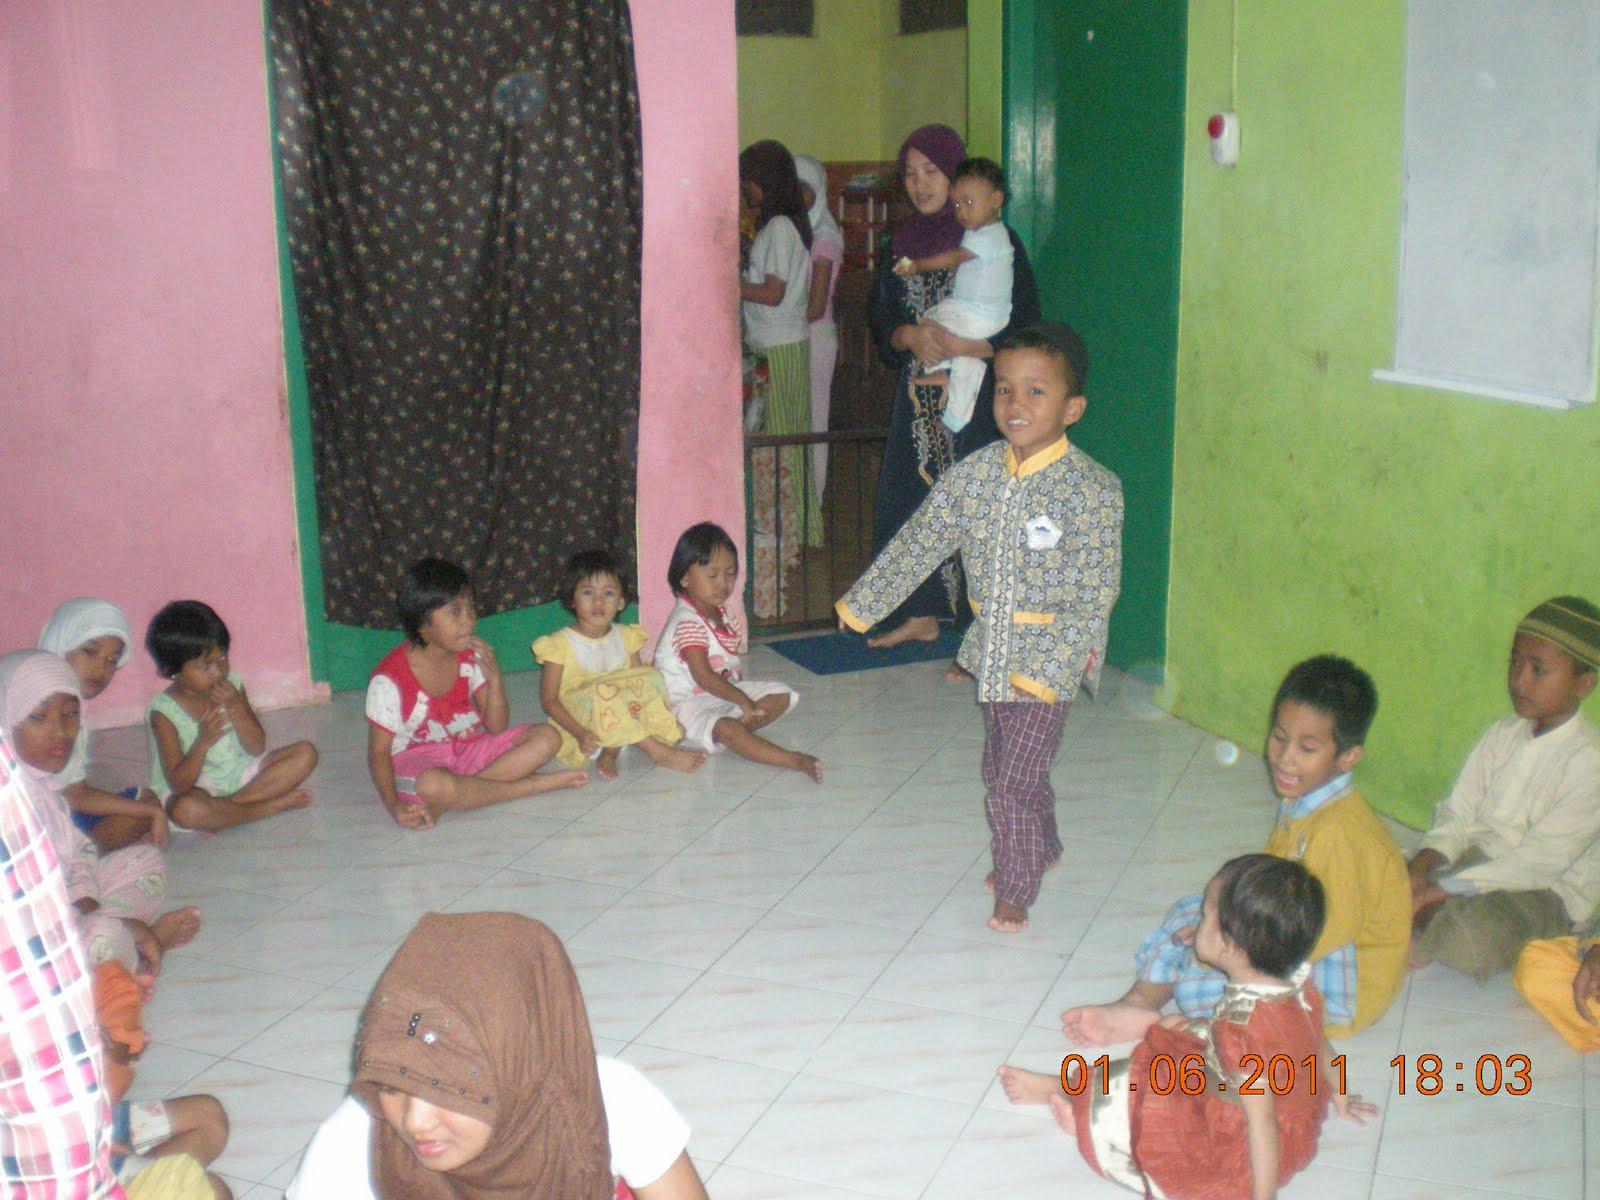 Panti Asuhan Daarul Aitam Batam Indonesia Phone 081372114044 0819 9097 6969 Panti Asuhan